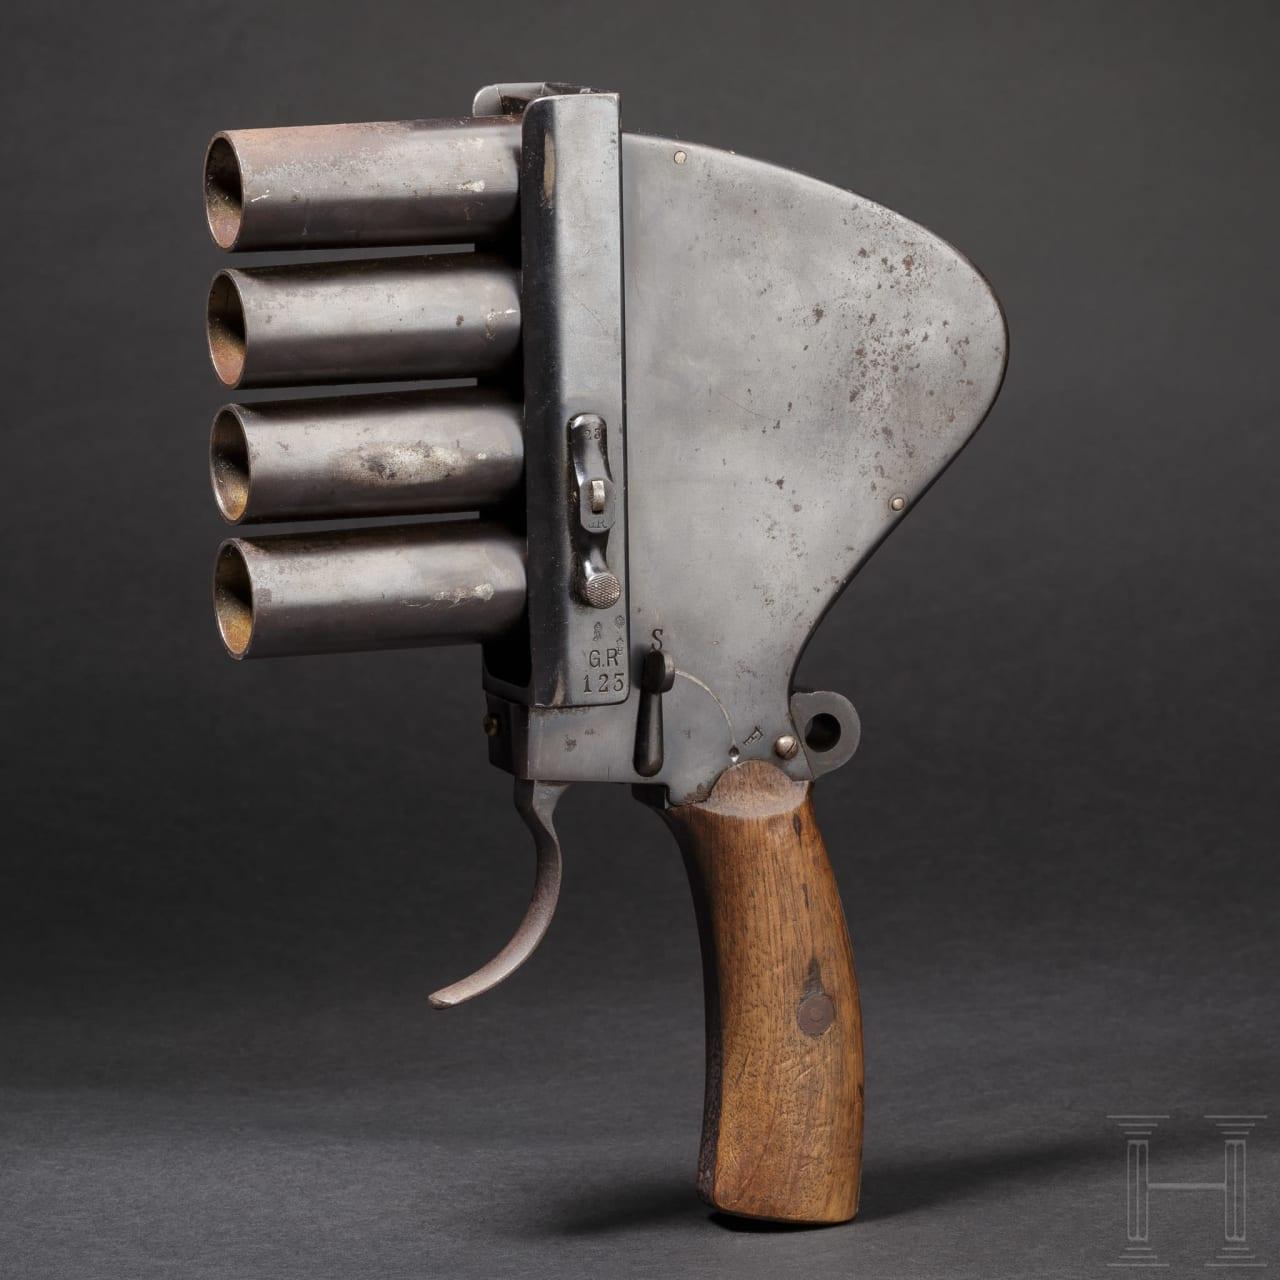 Vierläufige Signalpistole Gebr. Rempt